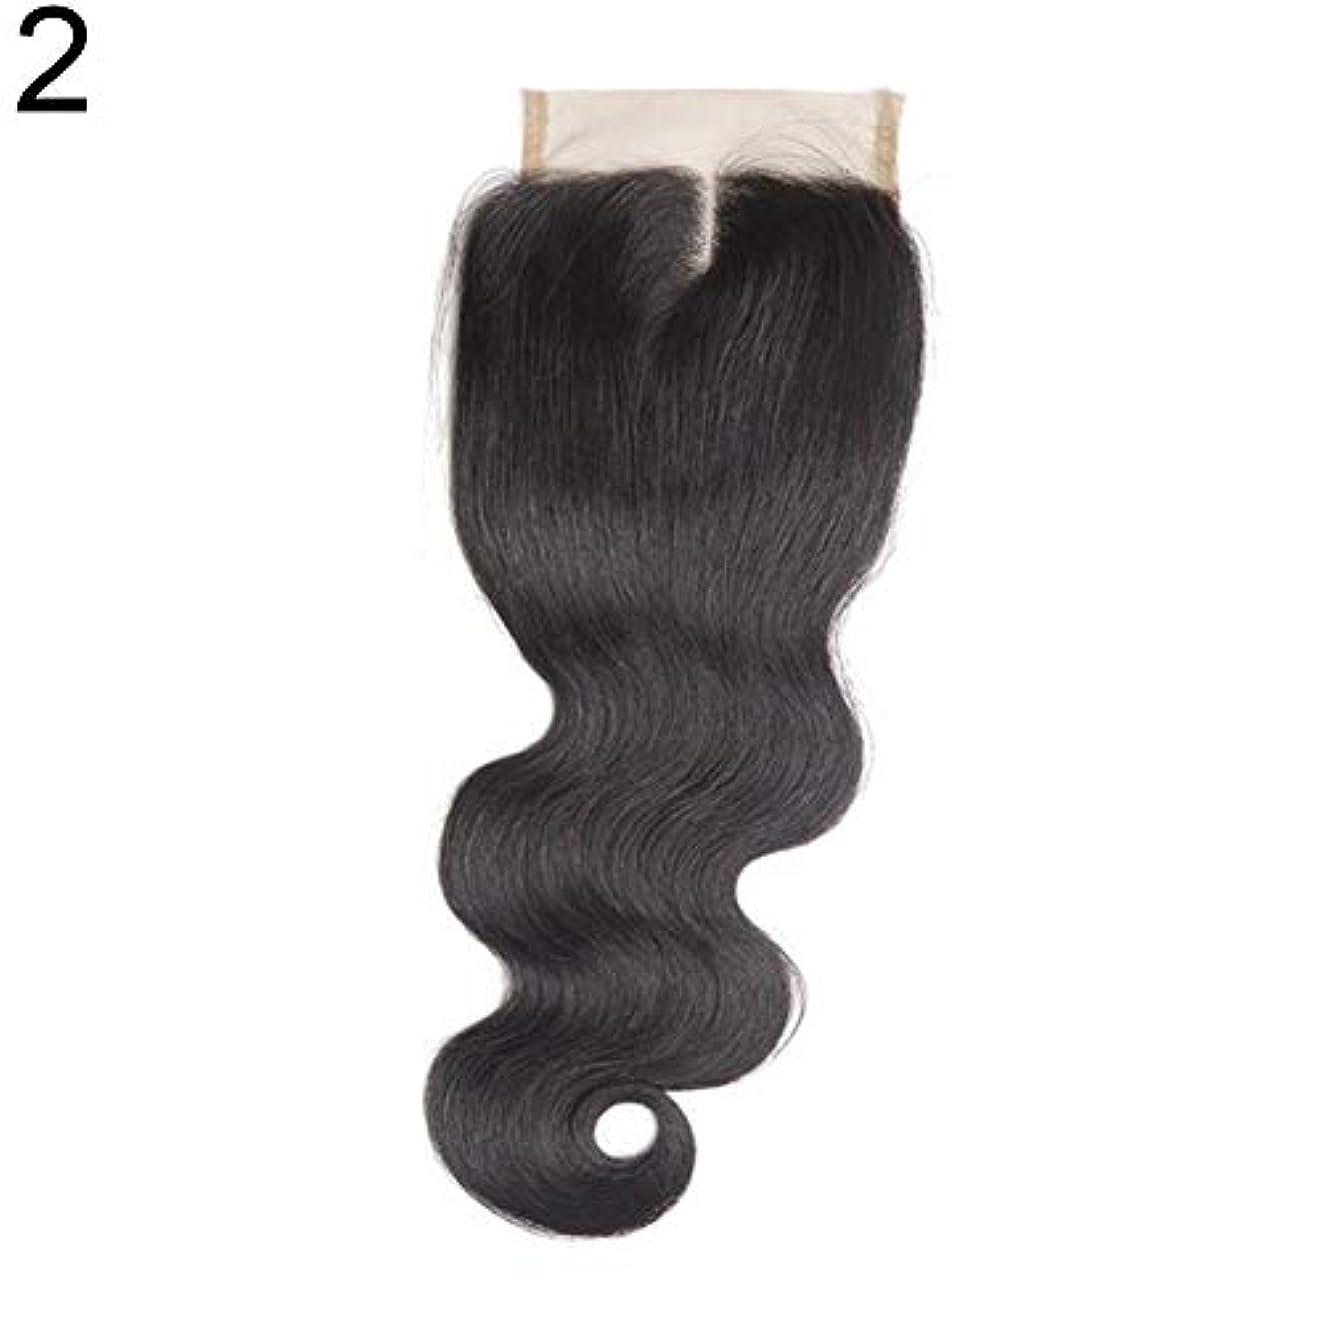 作動する想像力残るslQinjiansav女性ウィッグ修理ツールブラジルのミドル/フリー/3部人間の髪のレース閉鎖ウィッグ黒ヘアピース